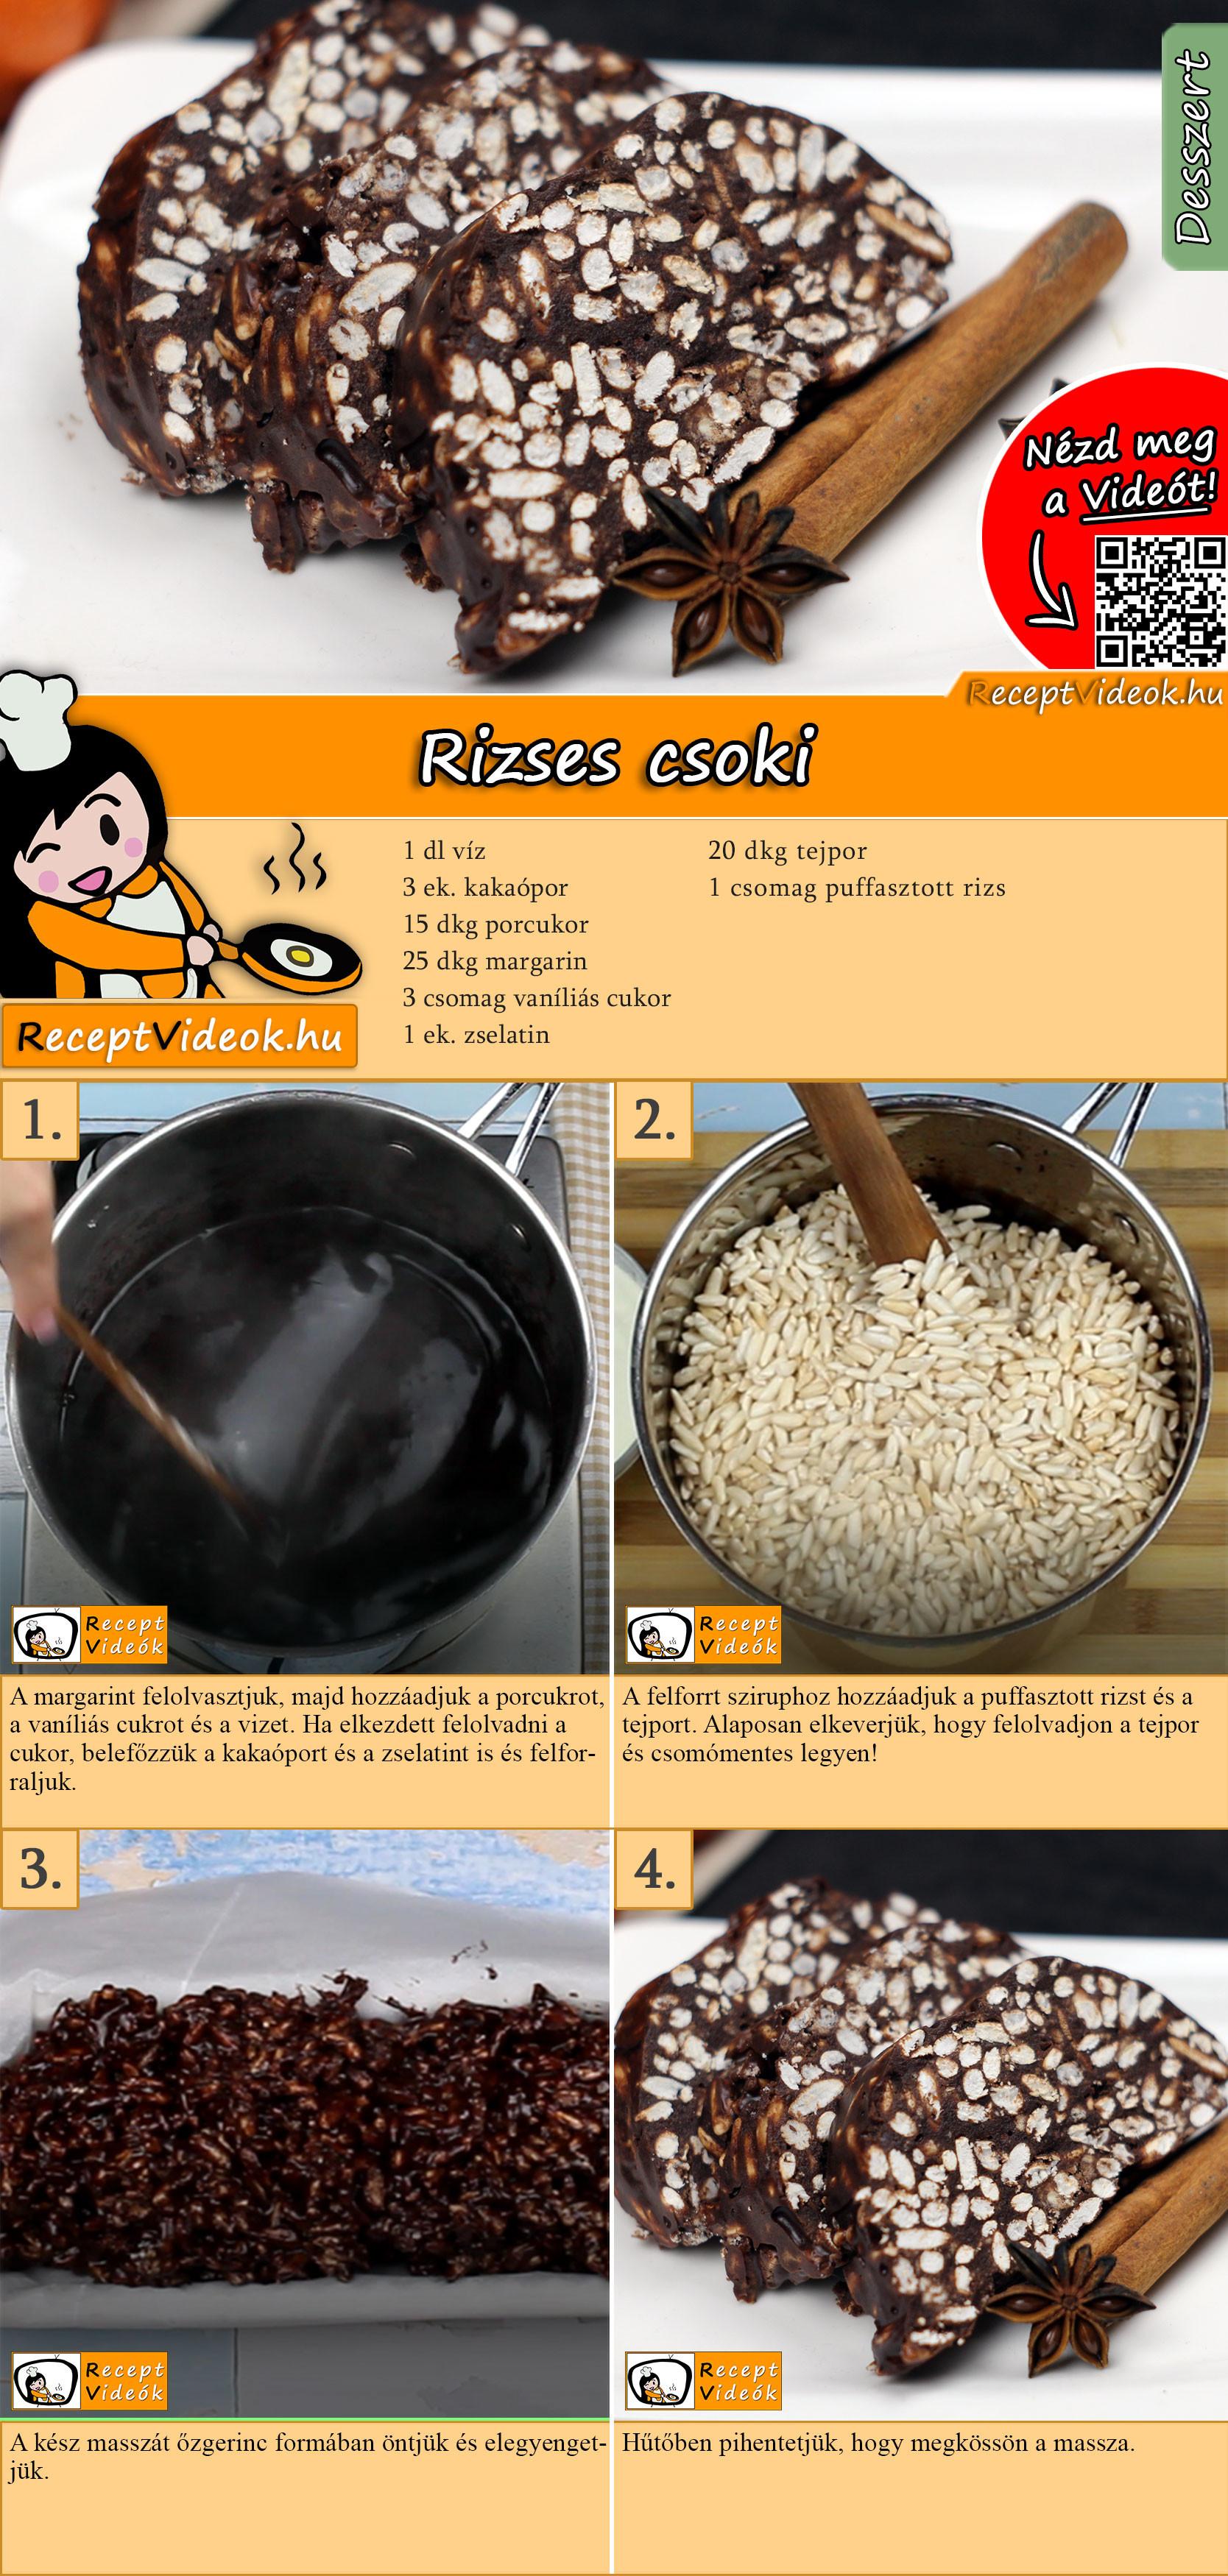 Rizses csoki recept elkészítése videóval